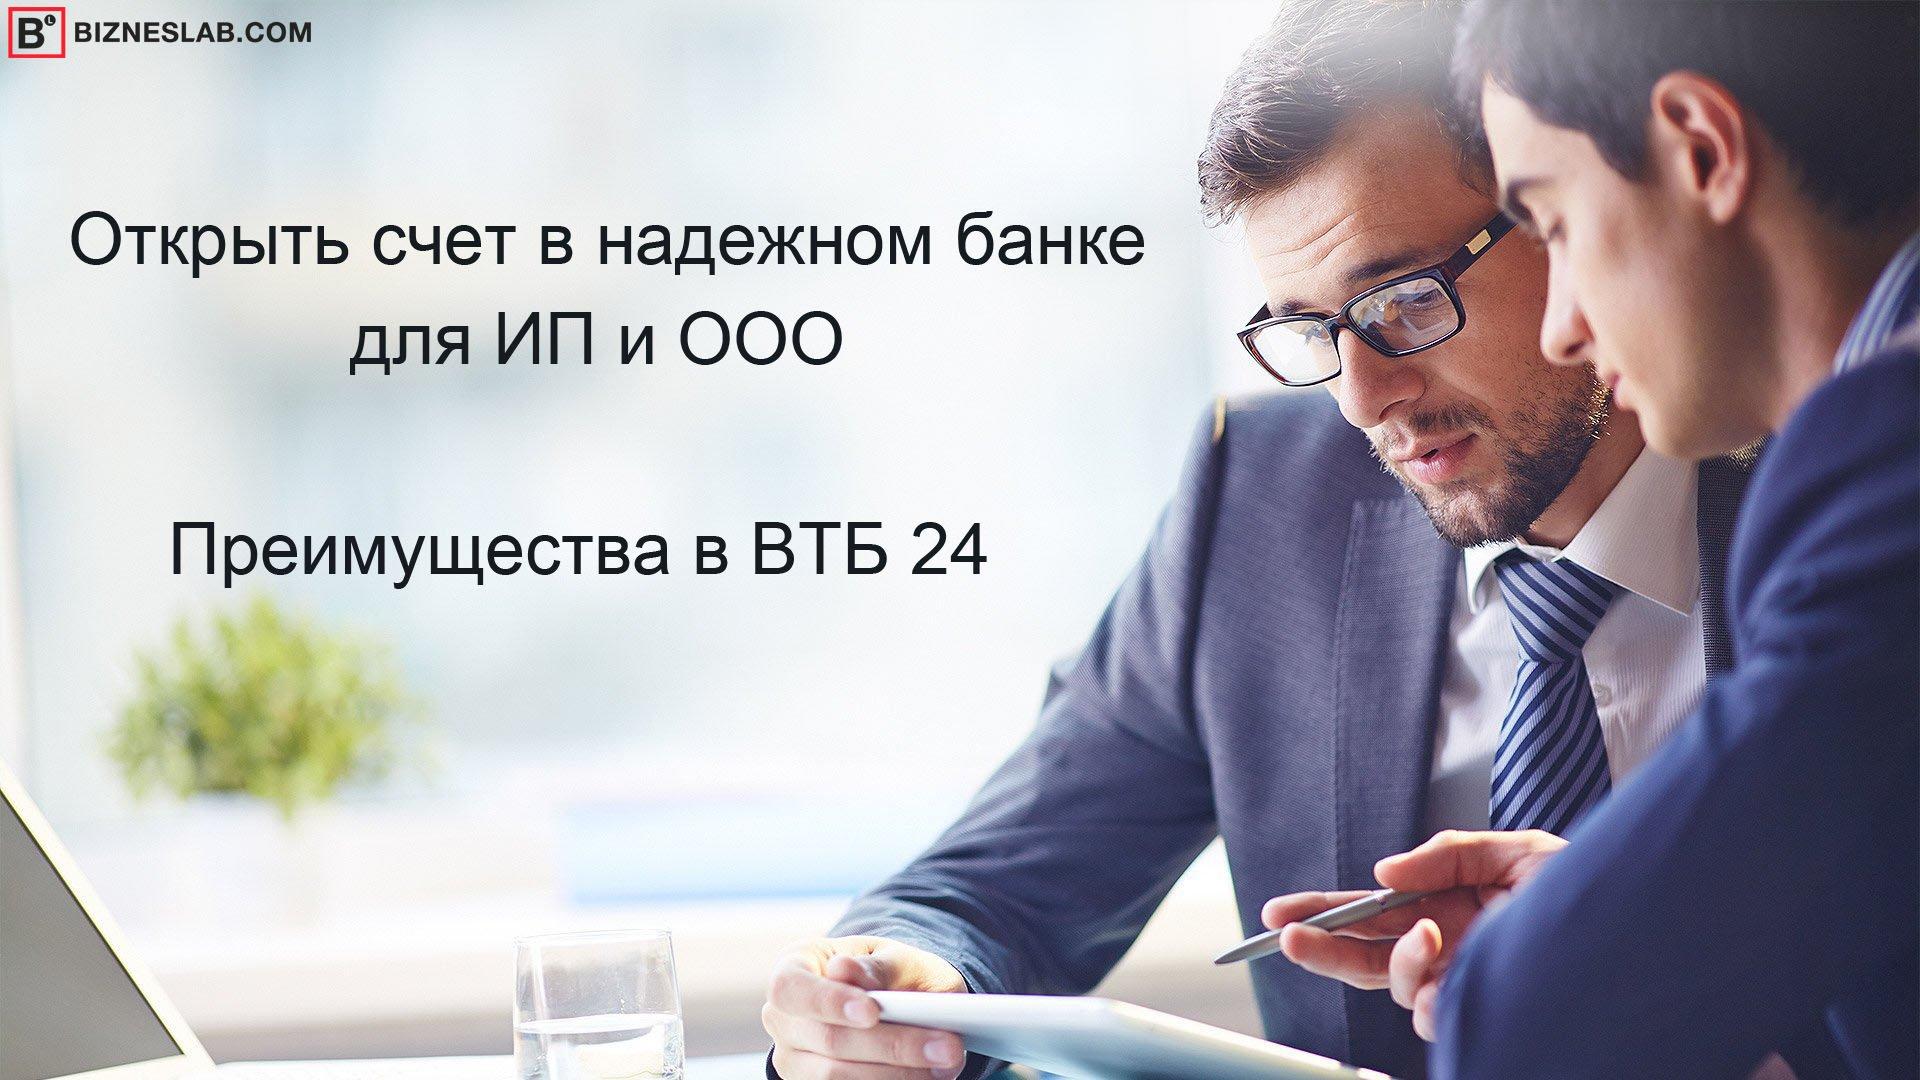 ВТБ открыть расчетный счет для ИП